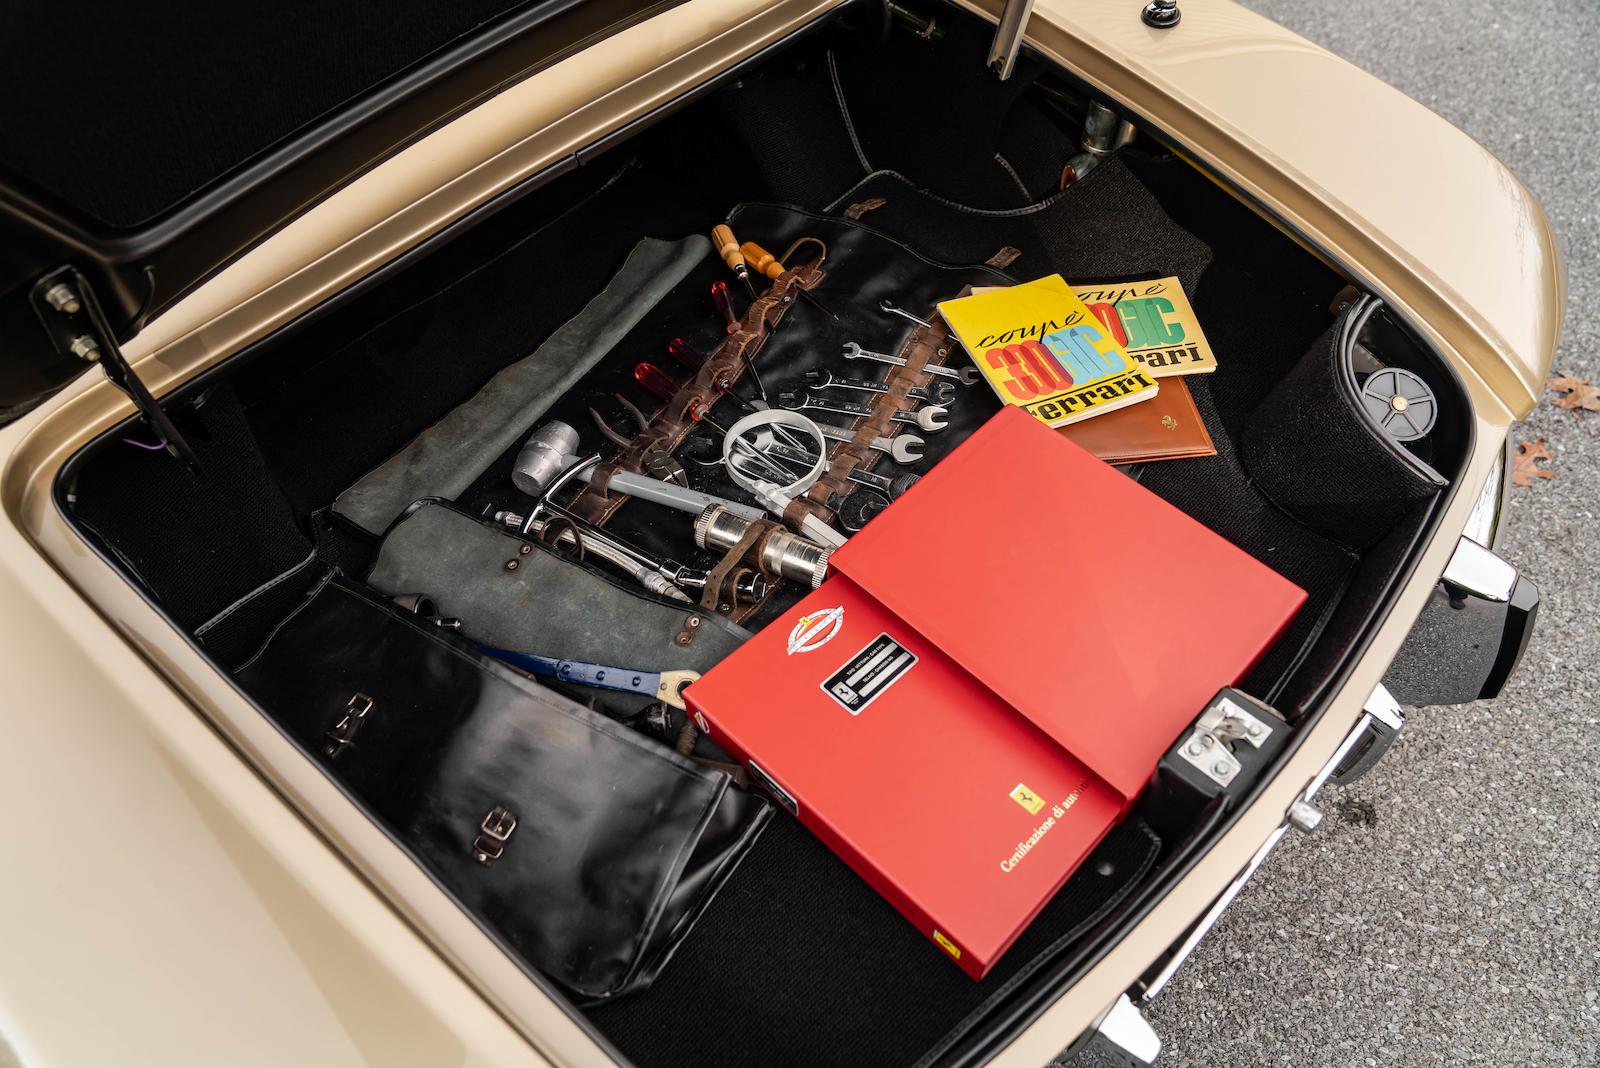 Ferrari 330 GTC Classiche Redbook tool roll